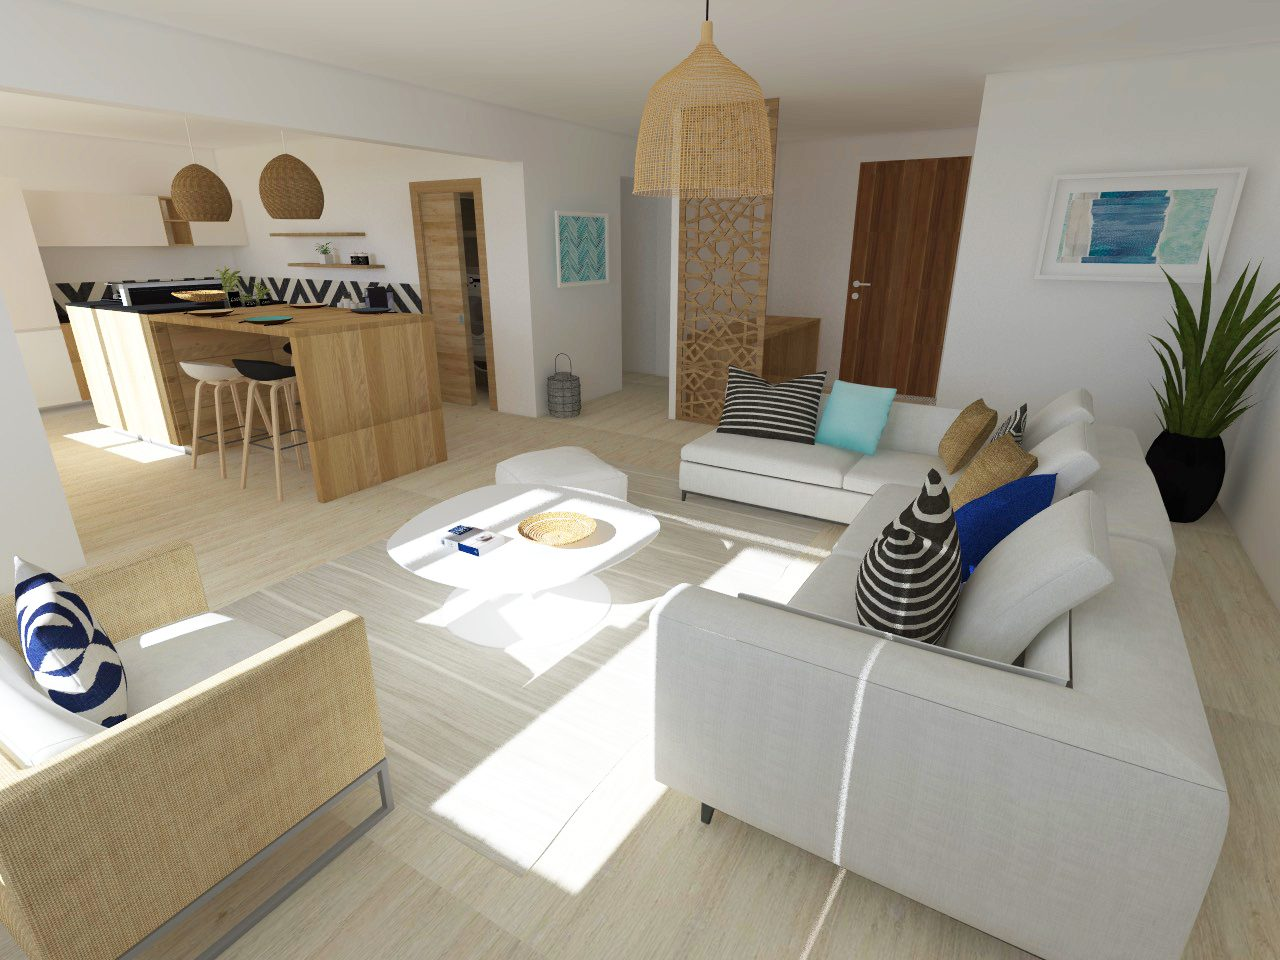 Architecte D Intérieur Cannes architecte d'intérieur à nice et cannes - smalt design